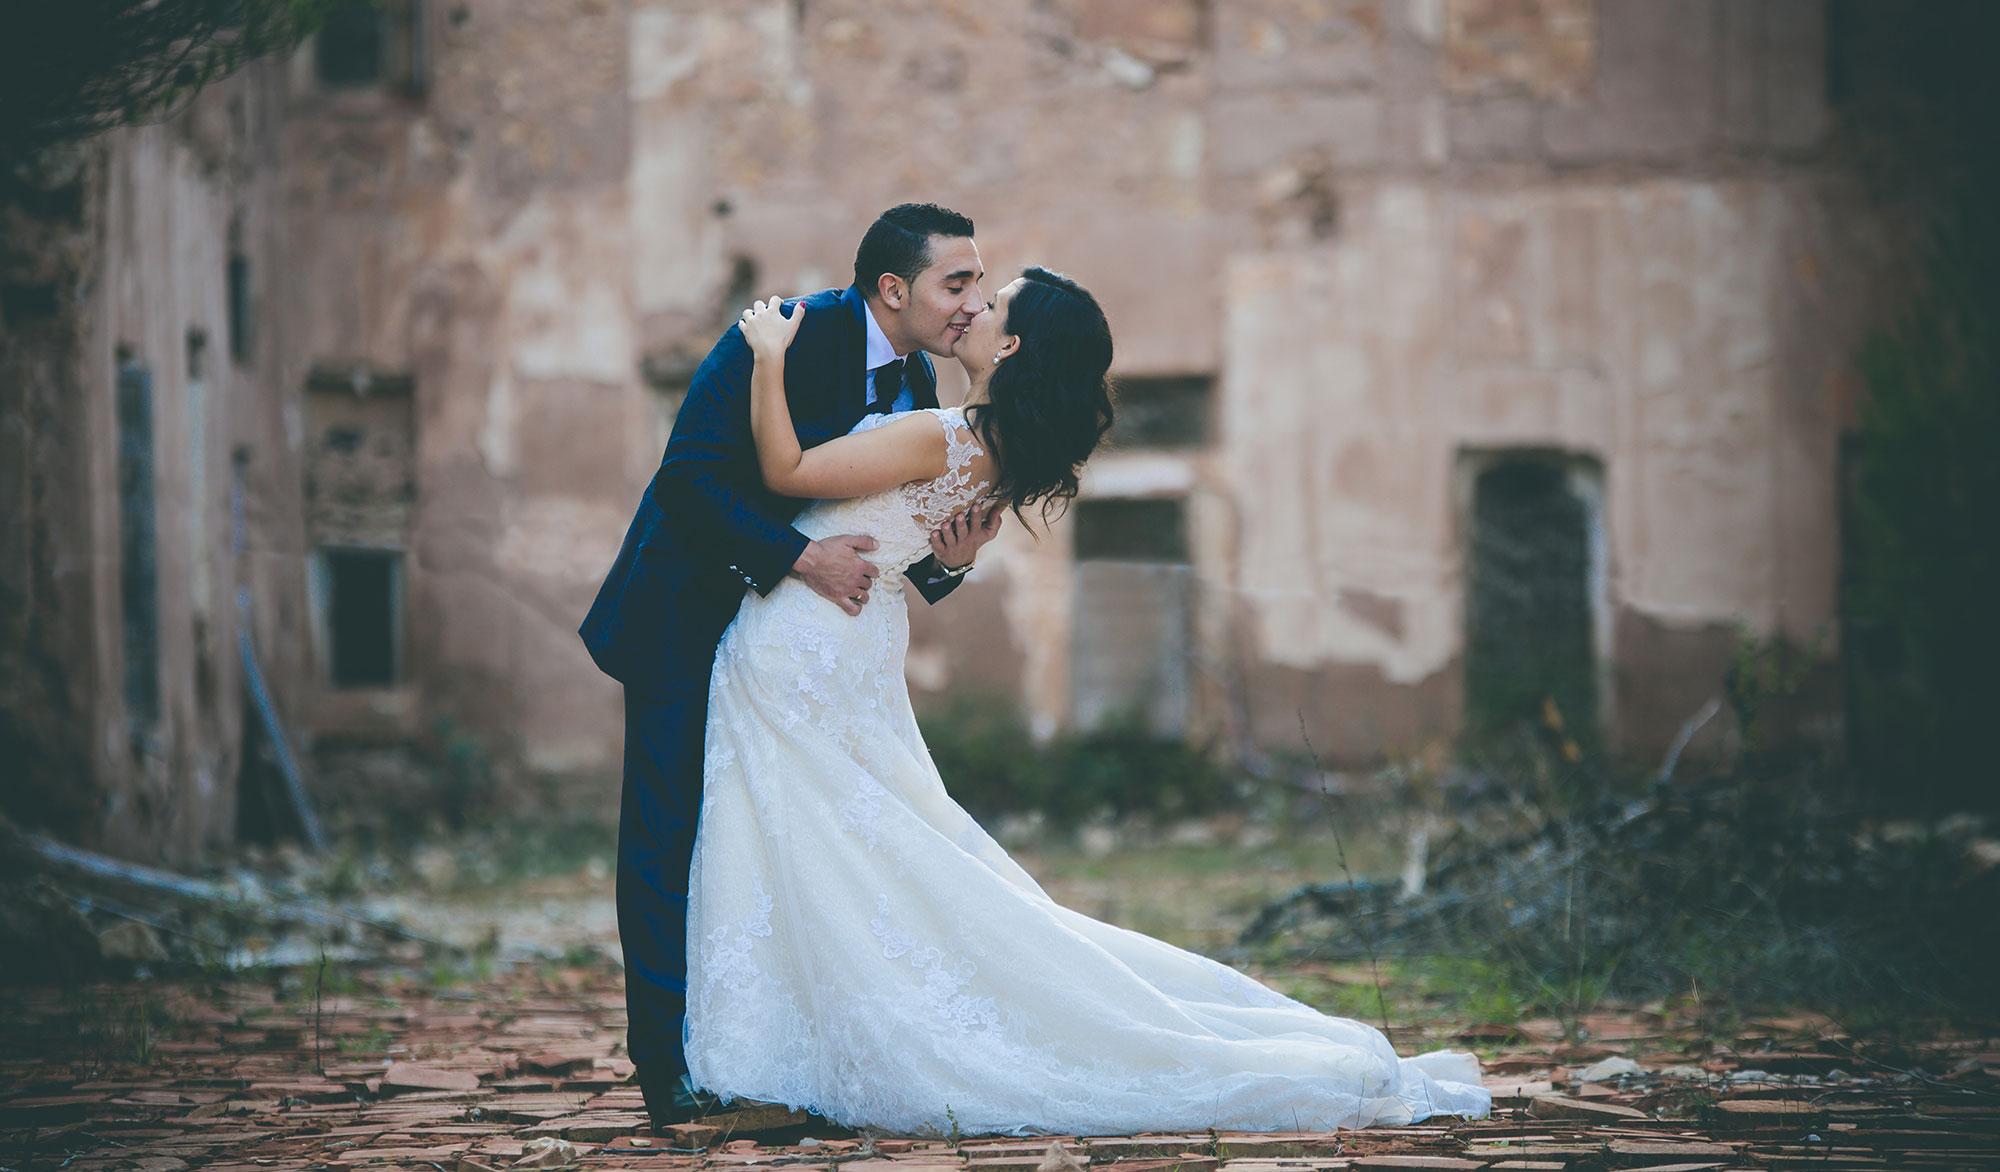 Post boda en el bosque. Fotógrafos de boda Alicante